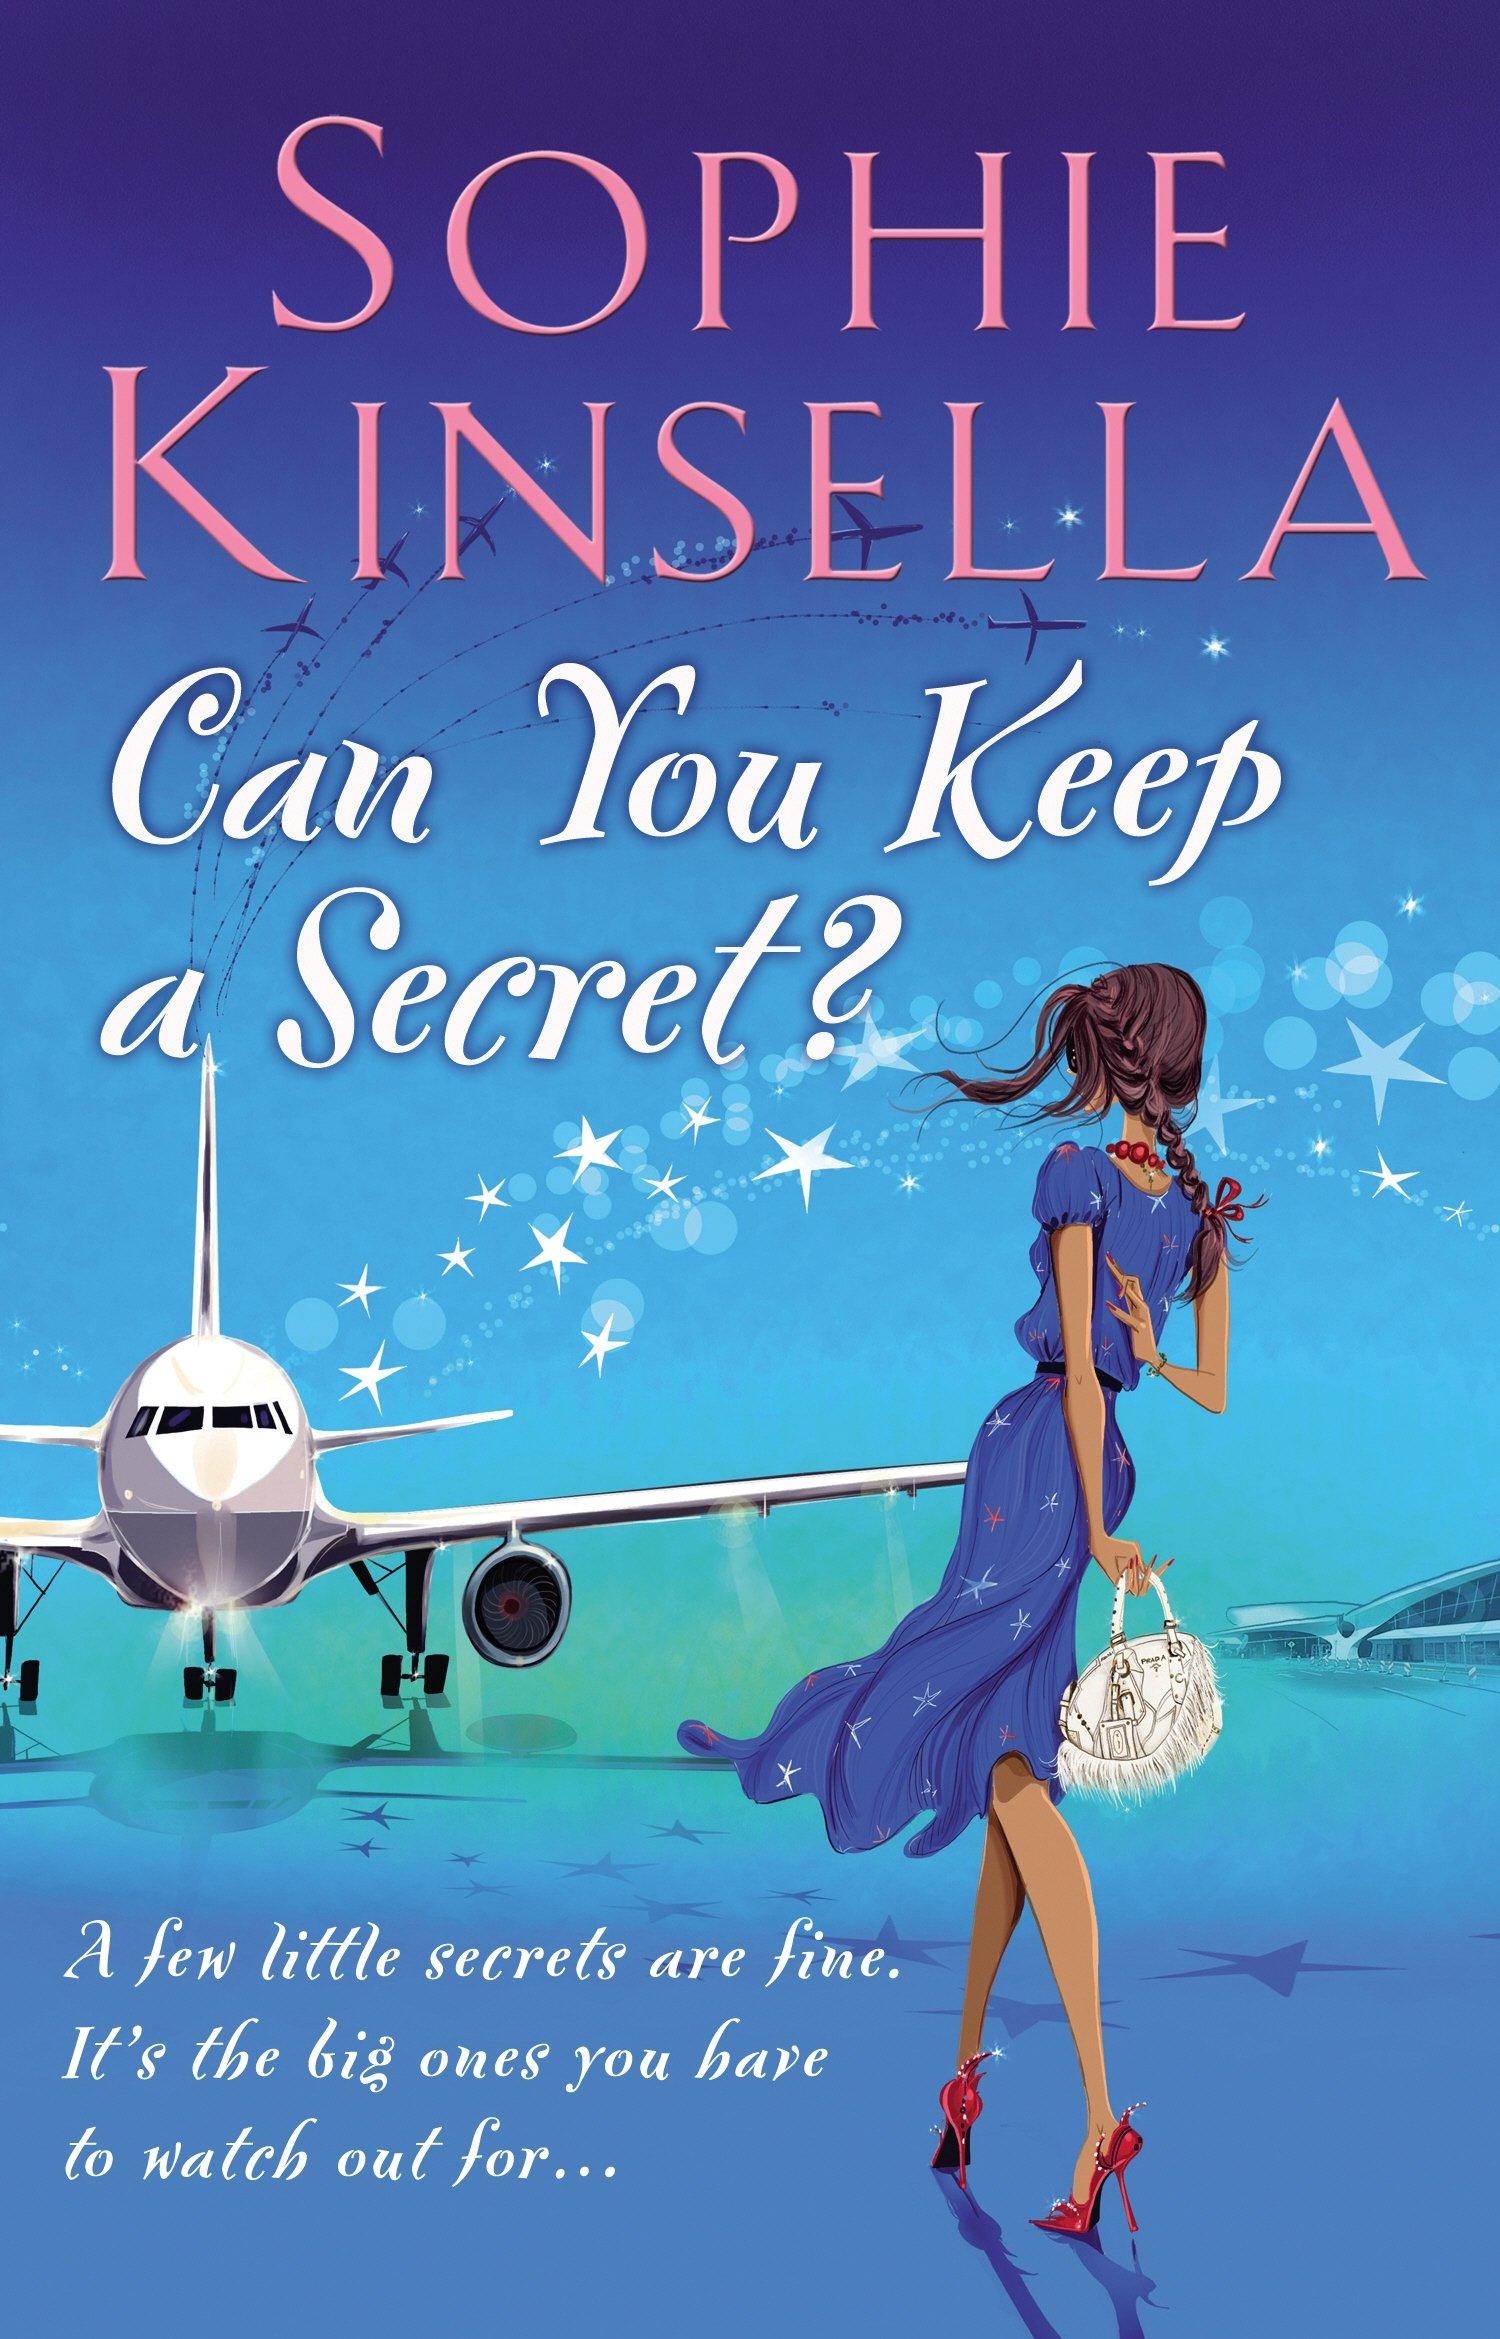 Знаеш ли да чуваш тајна?